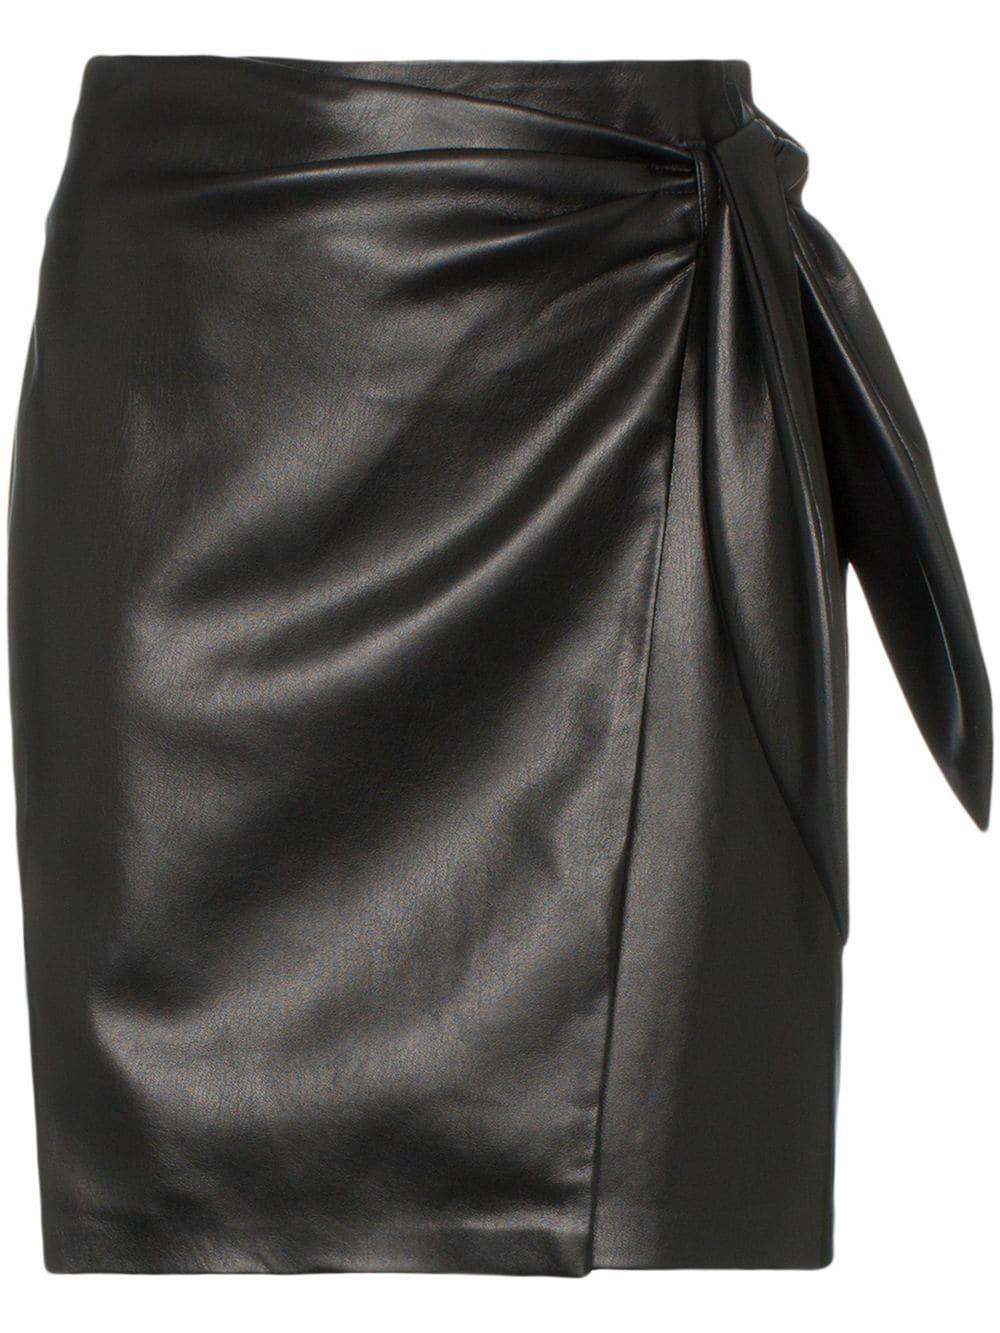 93e41c139e11 Vegan Leather Mini Skirt